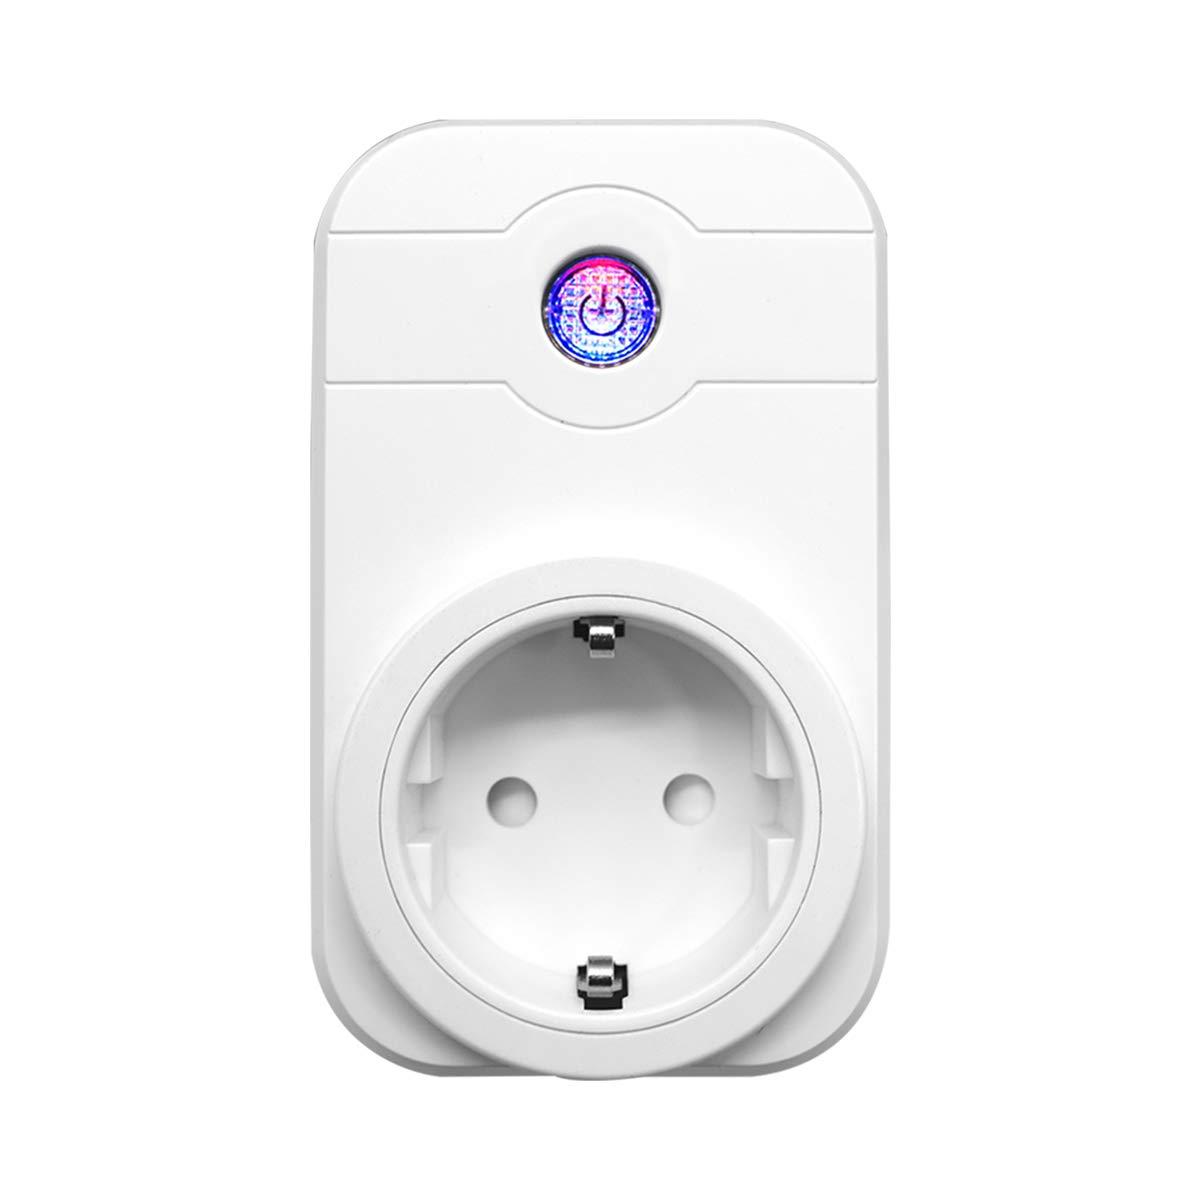 YAGALA WiFi Smart enchufe, WiFi inteligente Home Socket con Timing Funció n, compatible con  Alexa Echo/Echo Dot para Android y iOS Smartphone WiFi inteligente Home Socket con Timing Función YingFu